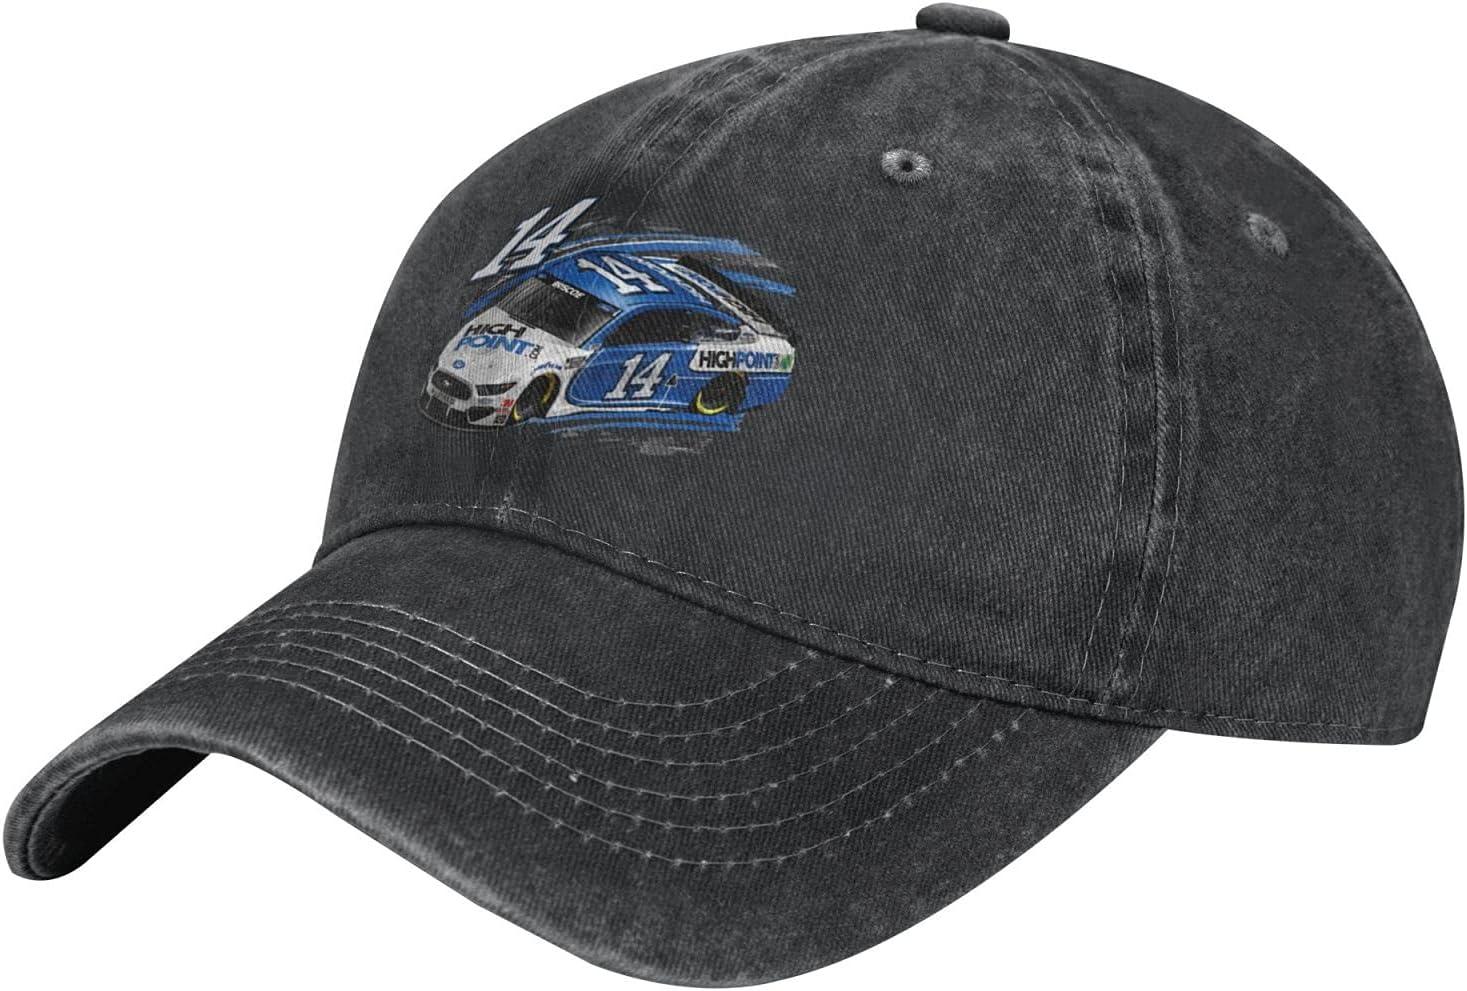 GAiNViEW Chase Briscoe 14 Denim Cap Adjustable Plain Baseball Cowboy Hat Cotton Sunbonnet Plain Hat Black